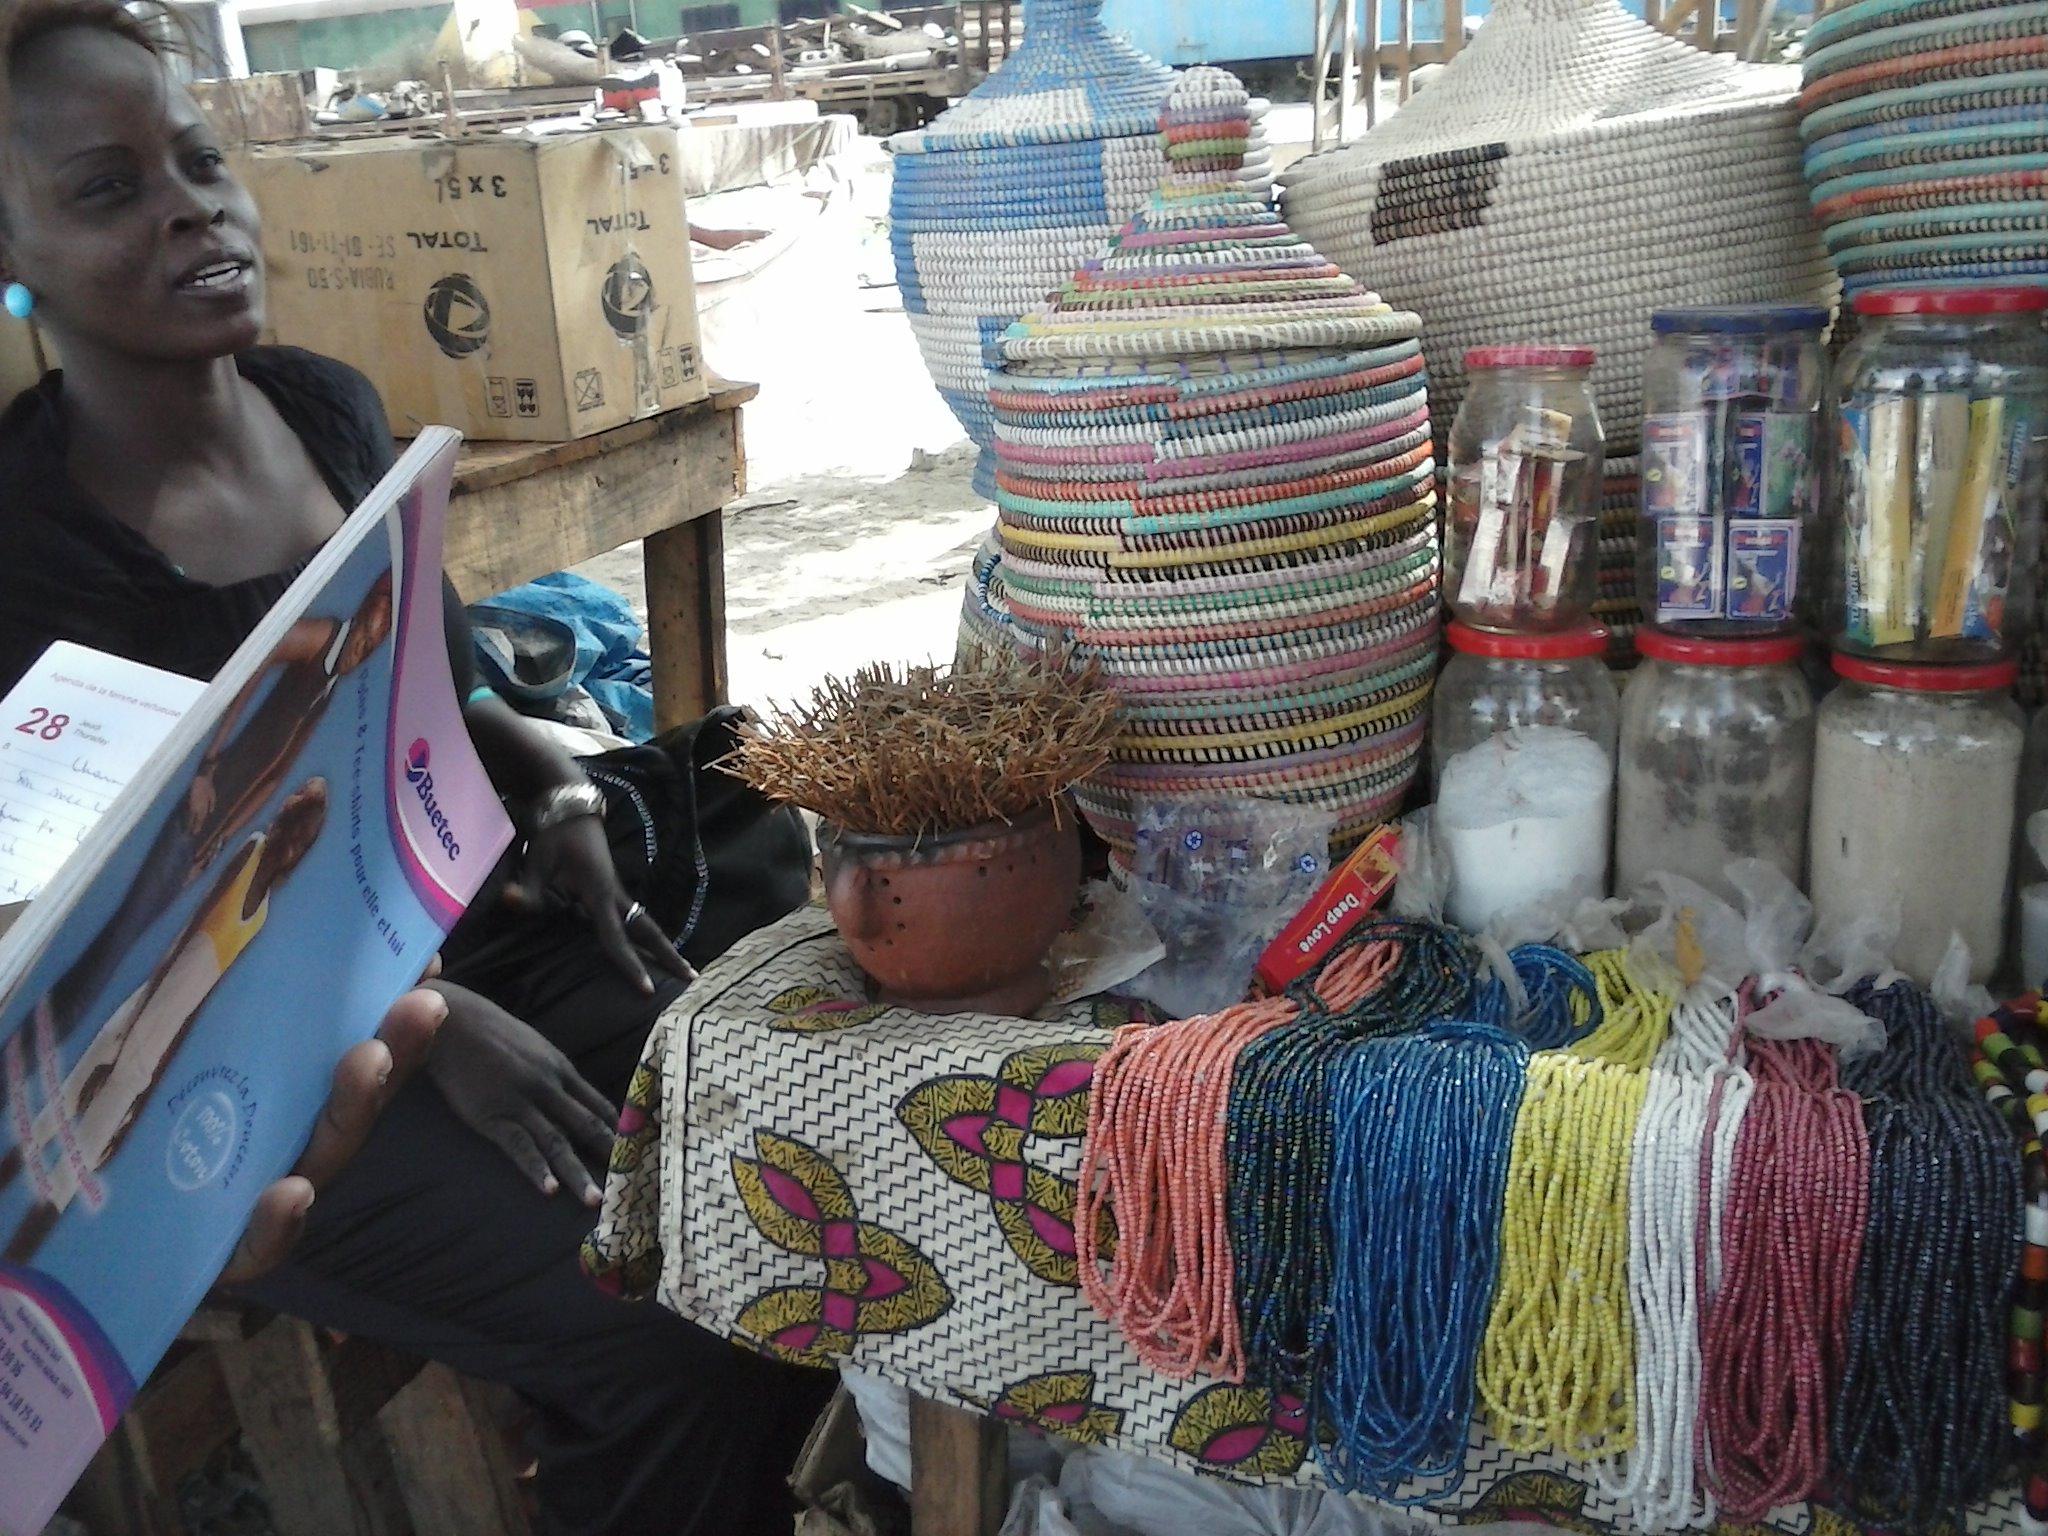 Au marché du port de Dakar, demandé le prix d'un produit sans achété n'est pas chose aisé. Crédit photo: FBI